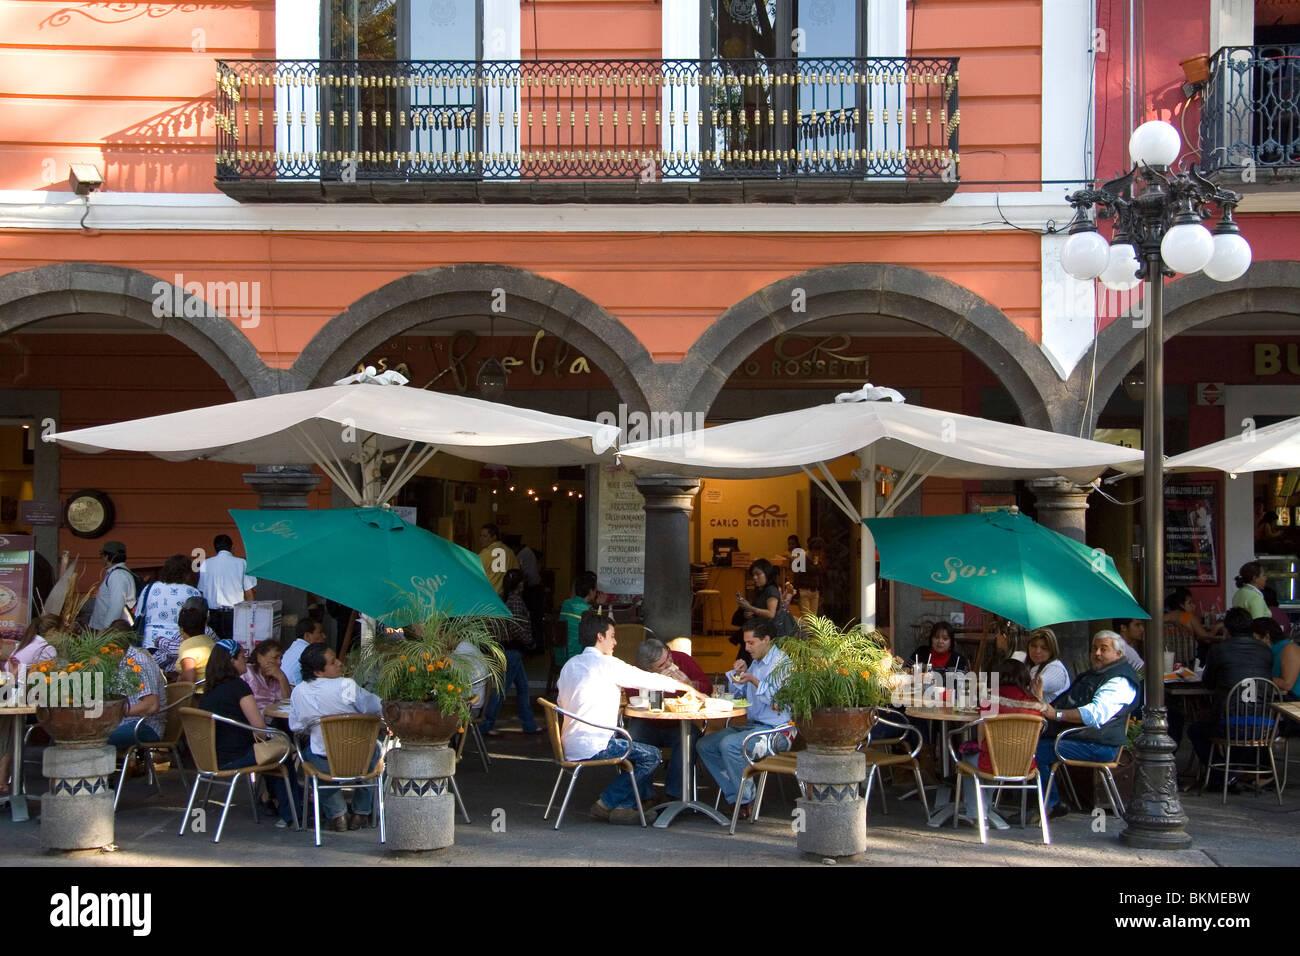 Sidewalk cafe in the city of Puebla, Puebla, Mexico. - Stock Image